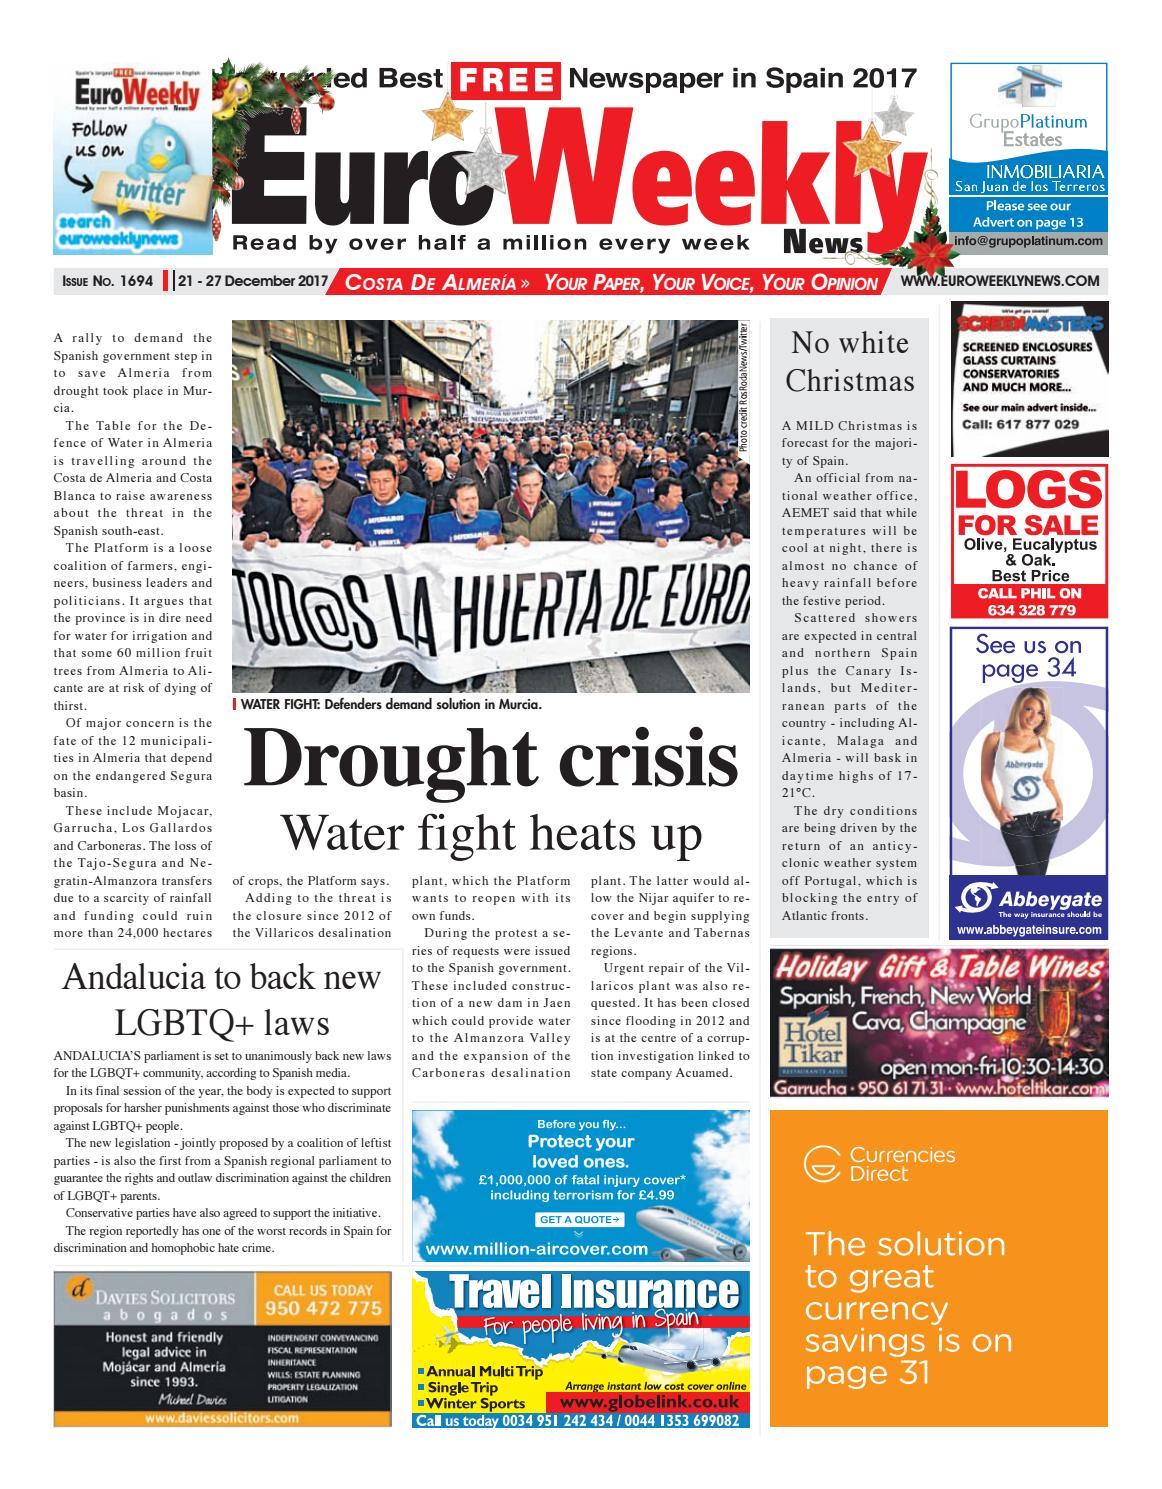 Euro Weekly News Costa De Almeria 21 27 December 2017 Issue  # Muebles Jerez Almendricos